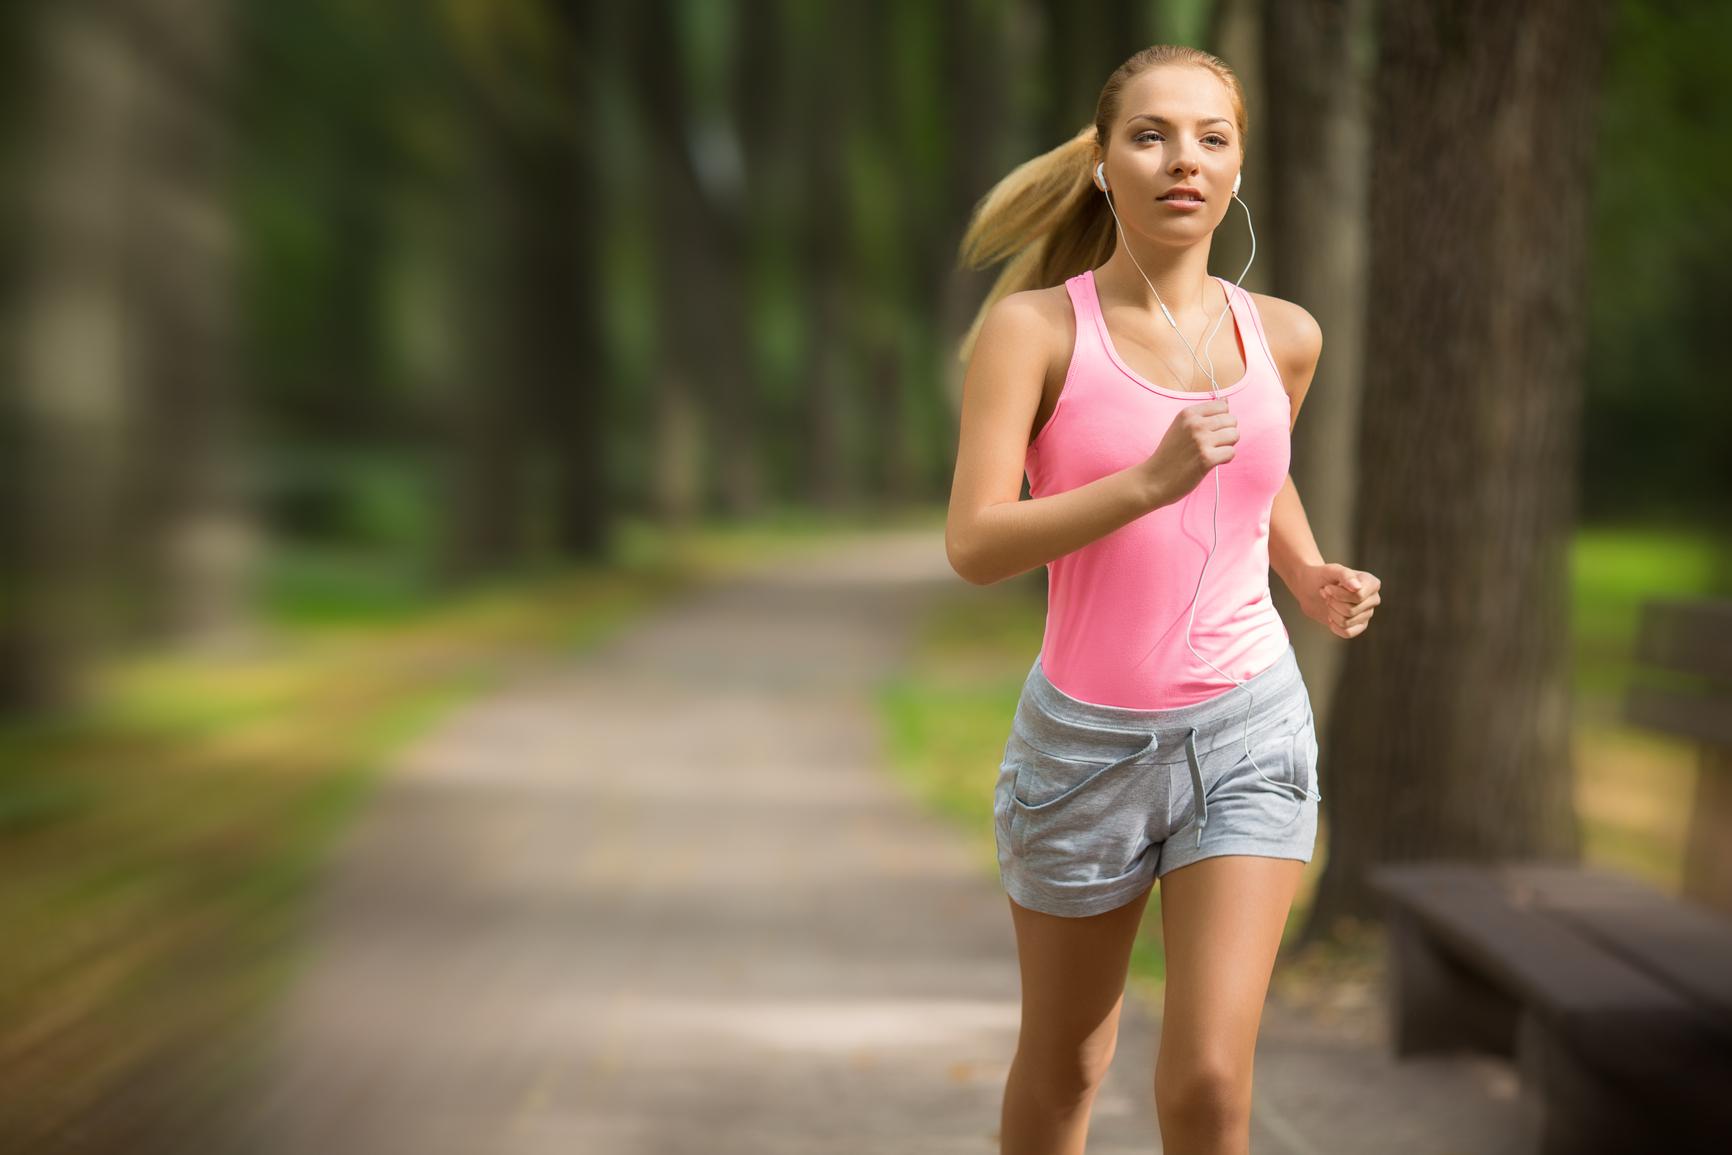 Як правельно займатися на біговій дорожці 16 фотография